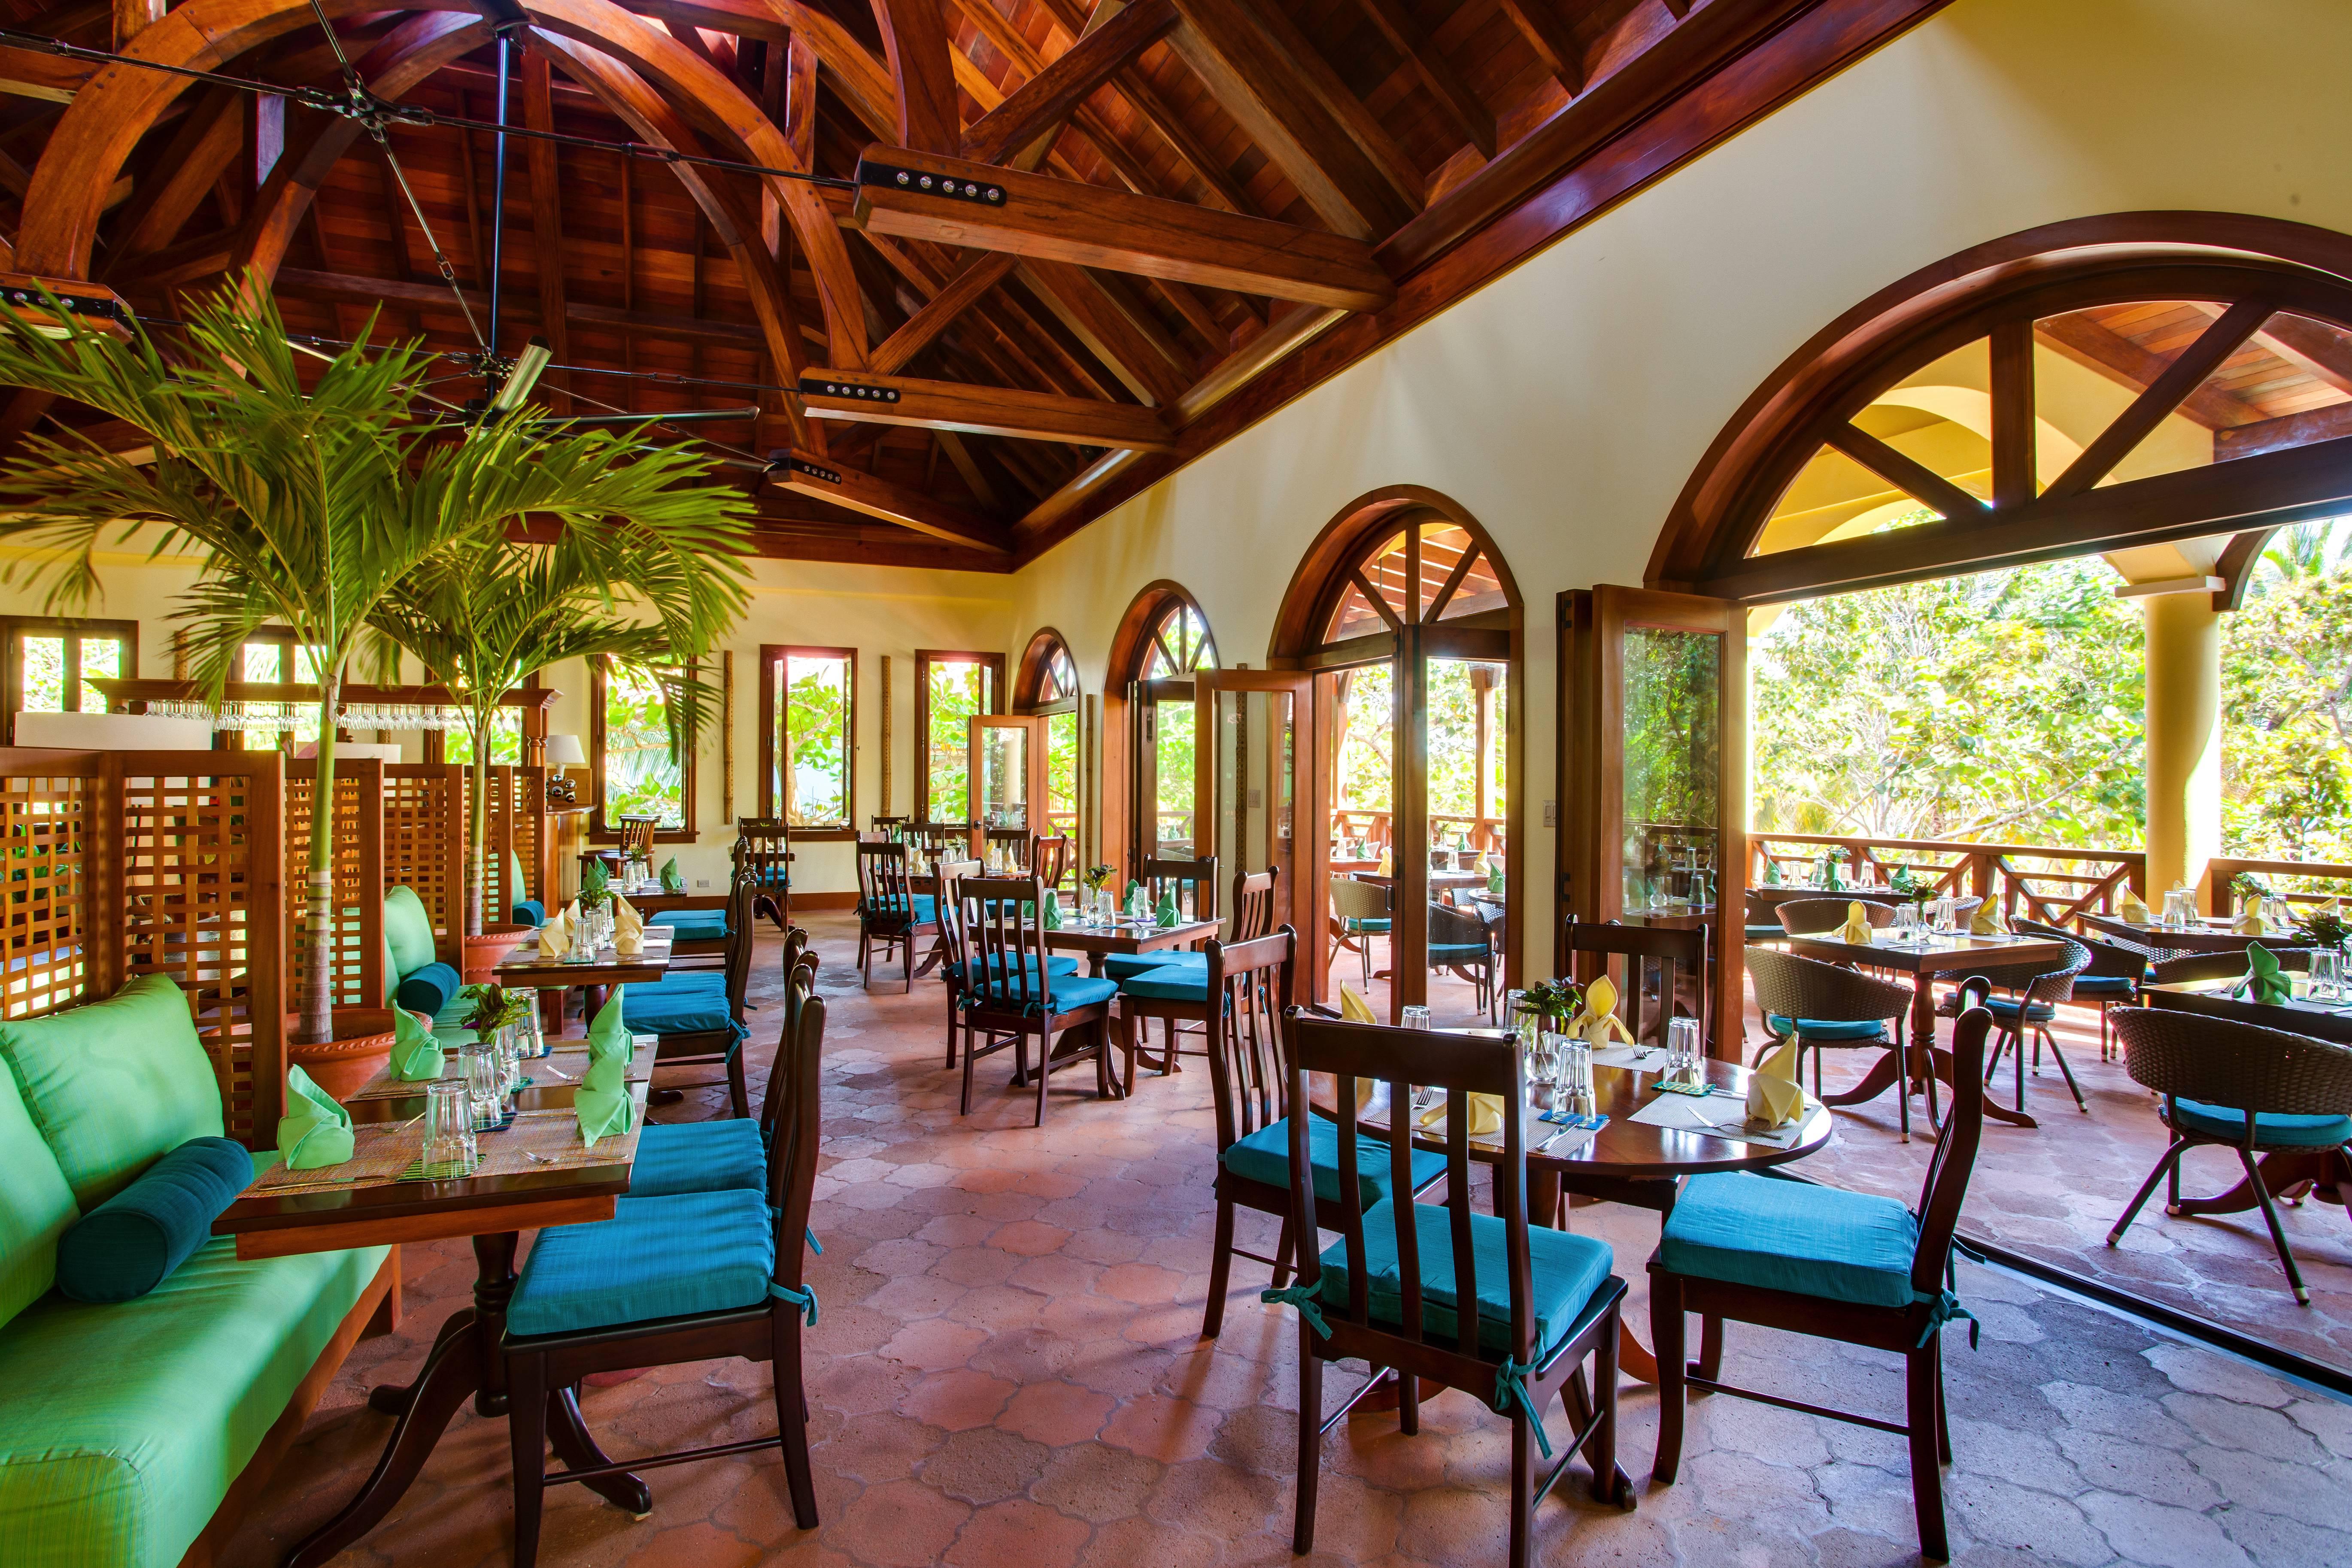 5 star Belize Resort Cuisine | Belize Resort Dining | Hamanasi Resort